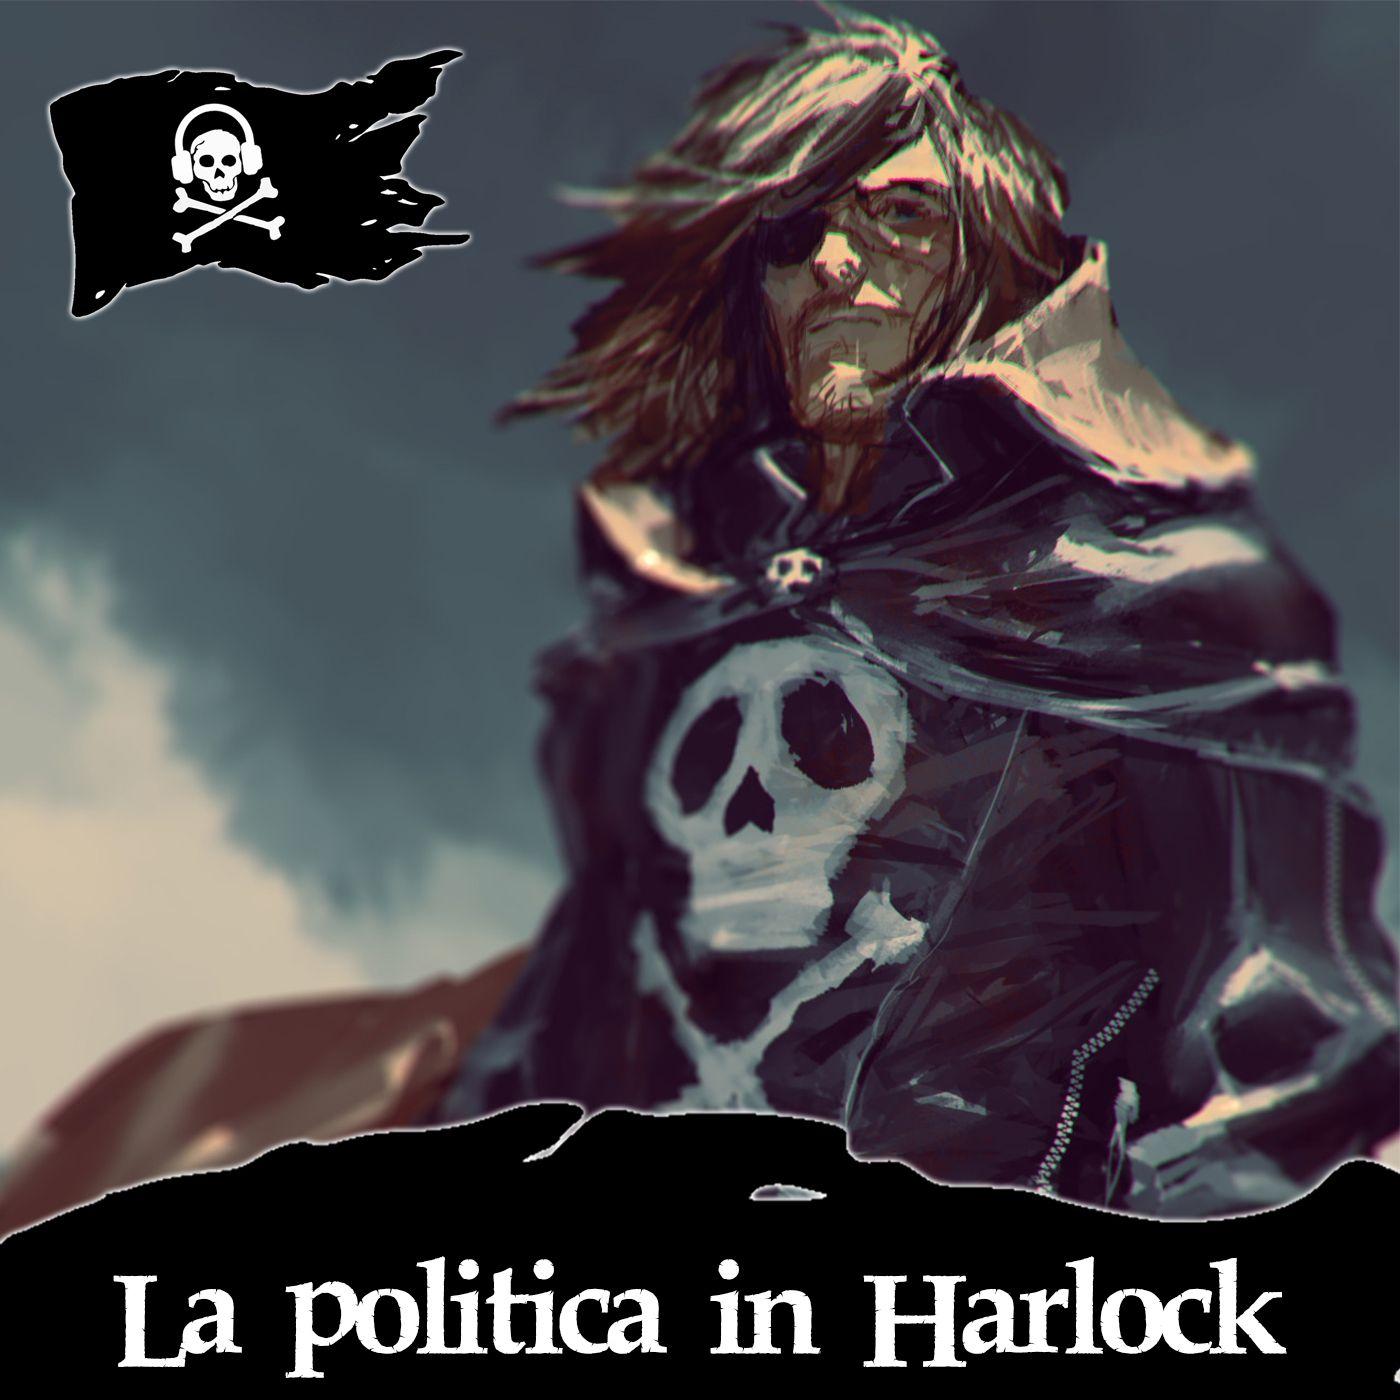 38 - La politica in Harlock, con Fabio Pennacchi